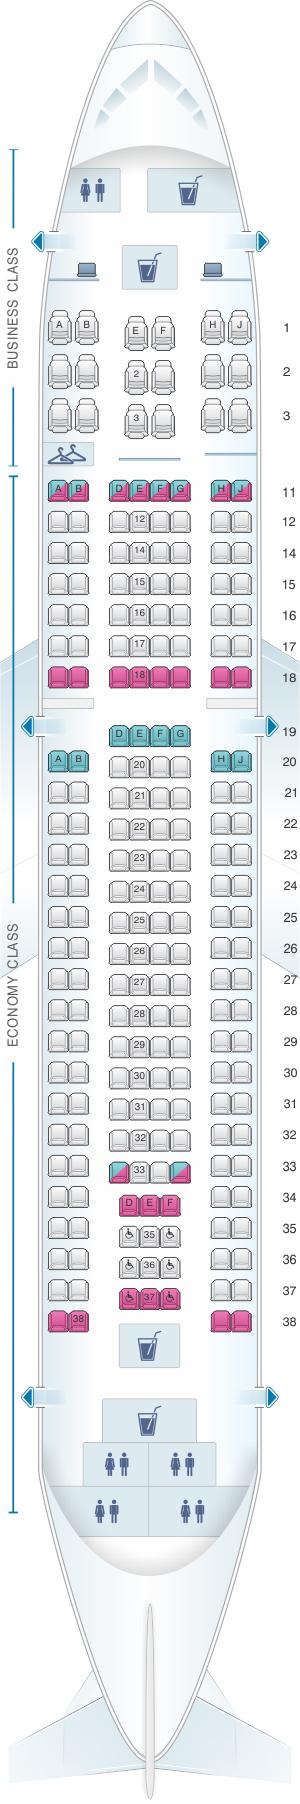 Seat map for SATA Air Açores Airbus A310-300 Config. 1